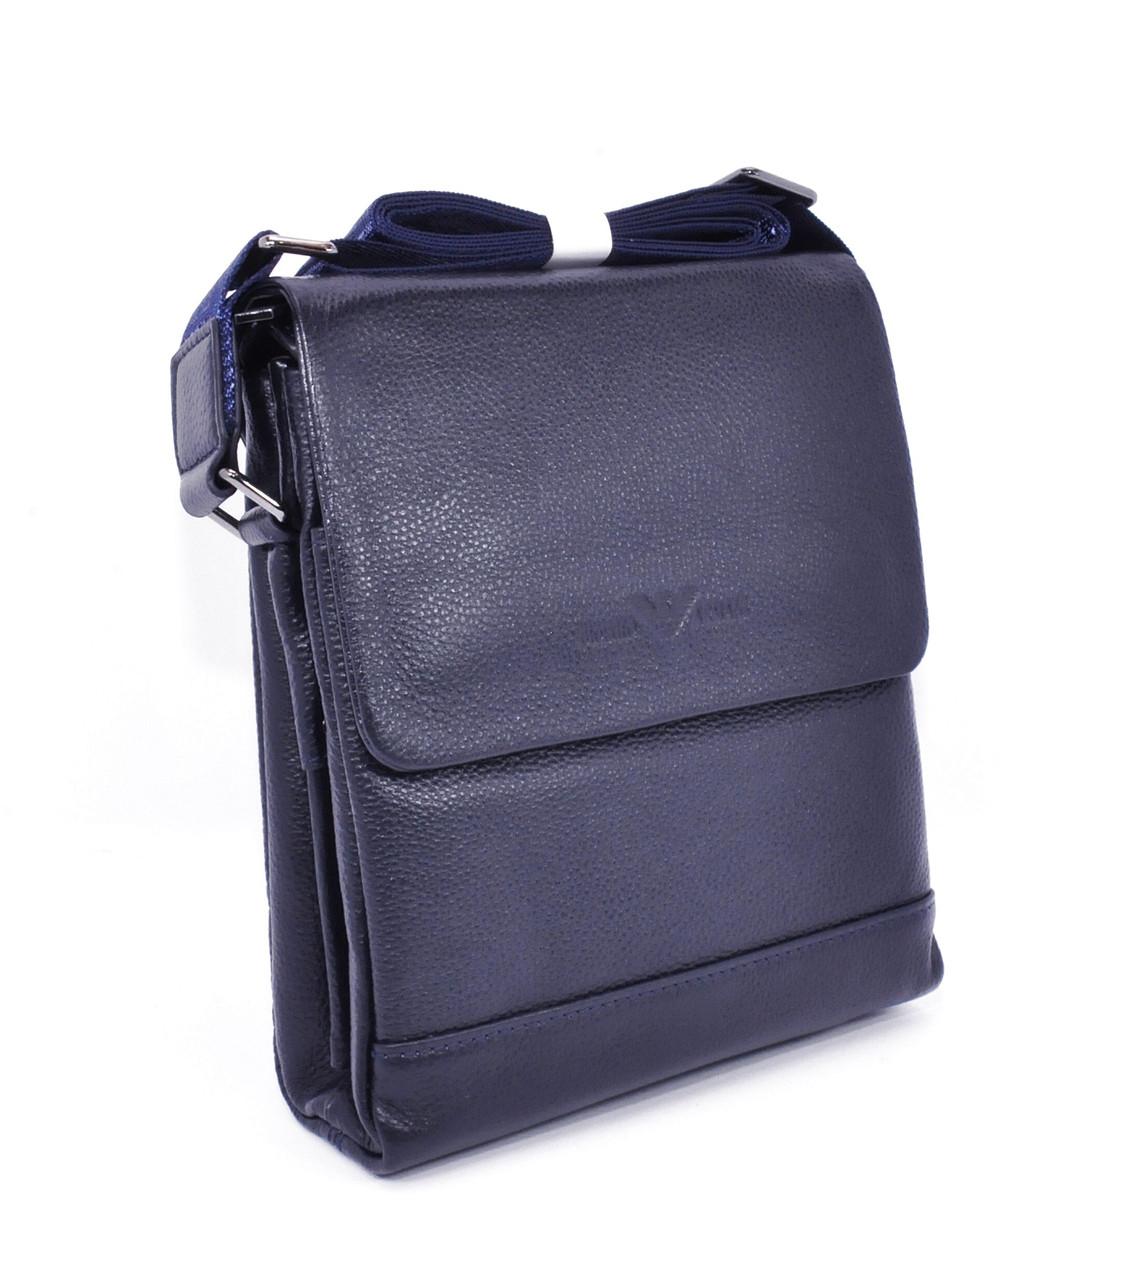 Сумка мужская малая кожаная планшет синяя Giorgio Armani 7911-1